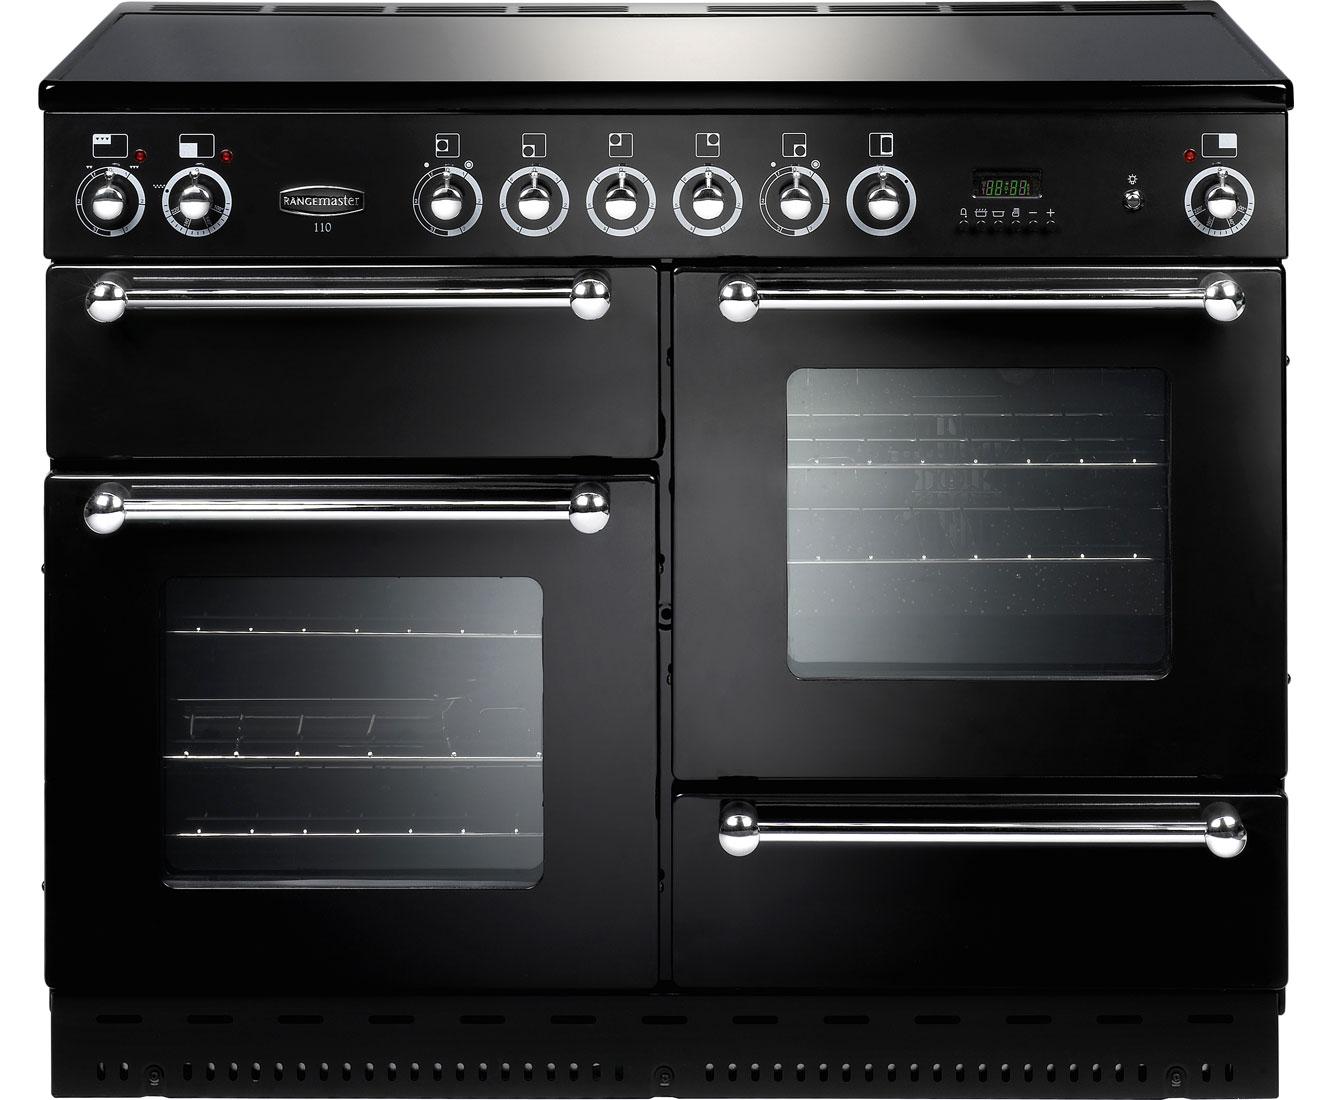 Rangemaster RMS110ECBLPDC Free Standing Range Cooker in Black  Chrome